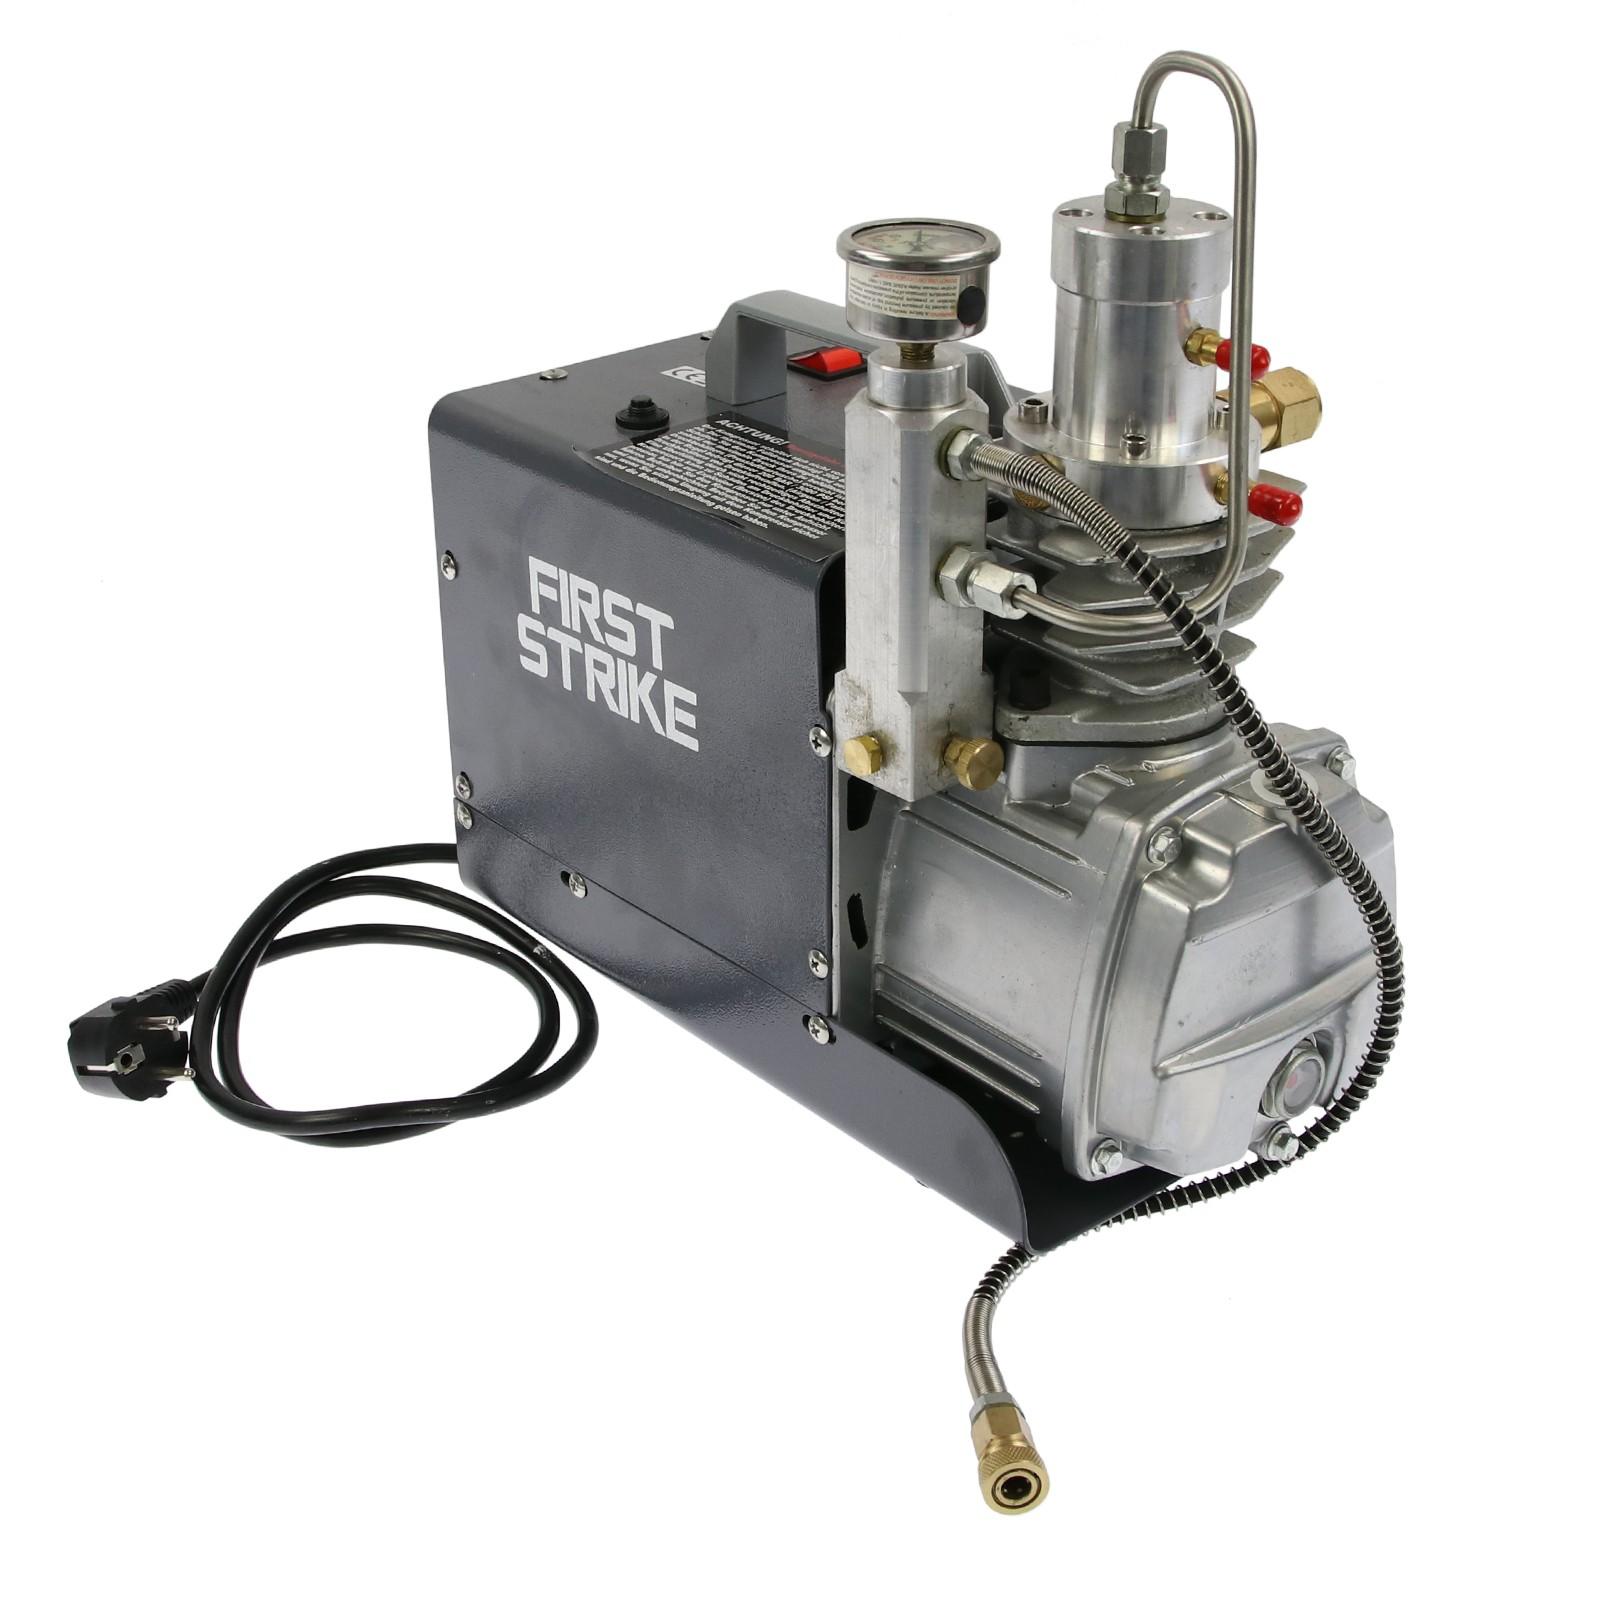 Vzduchový kompresor pro plnění vzduchových kartuší větrovek. FIRST STRIKE - WP 300 bar - dostupný od 14.9.2019 předobjednávky monžné